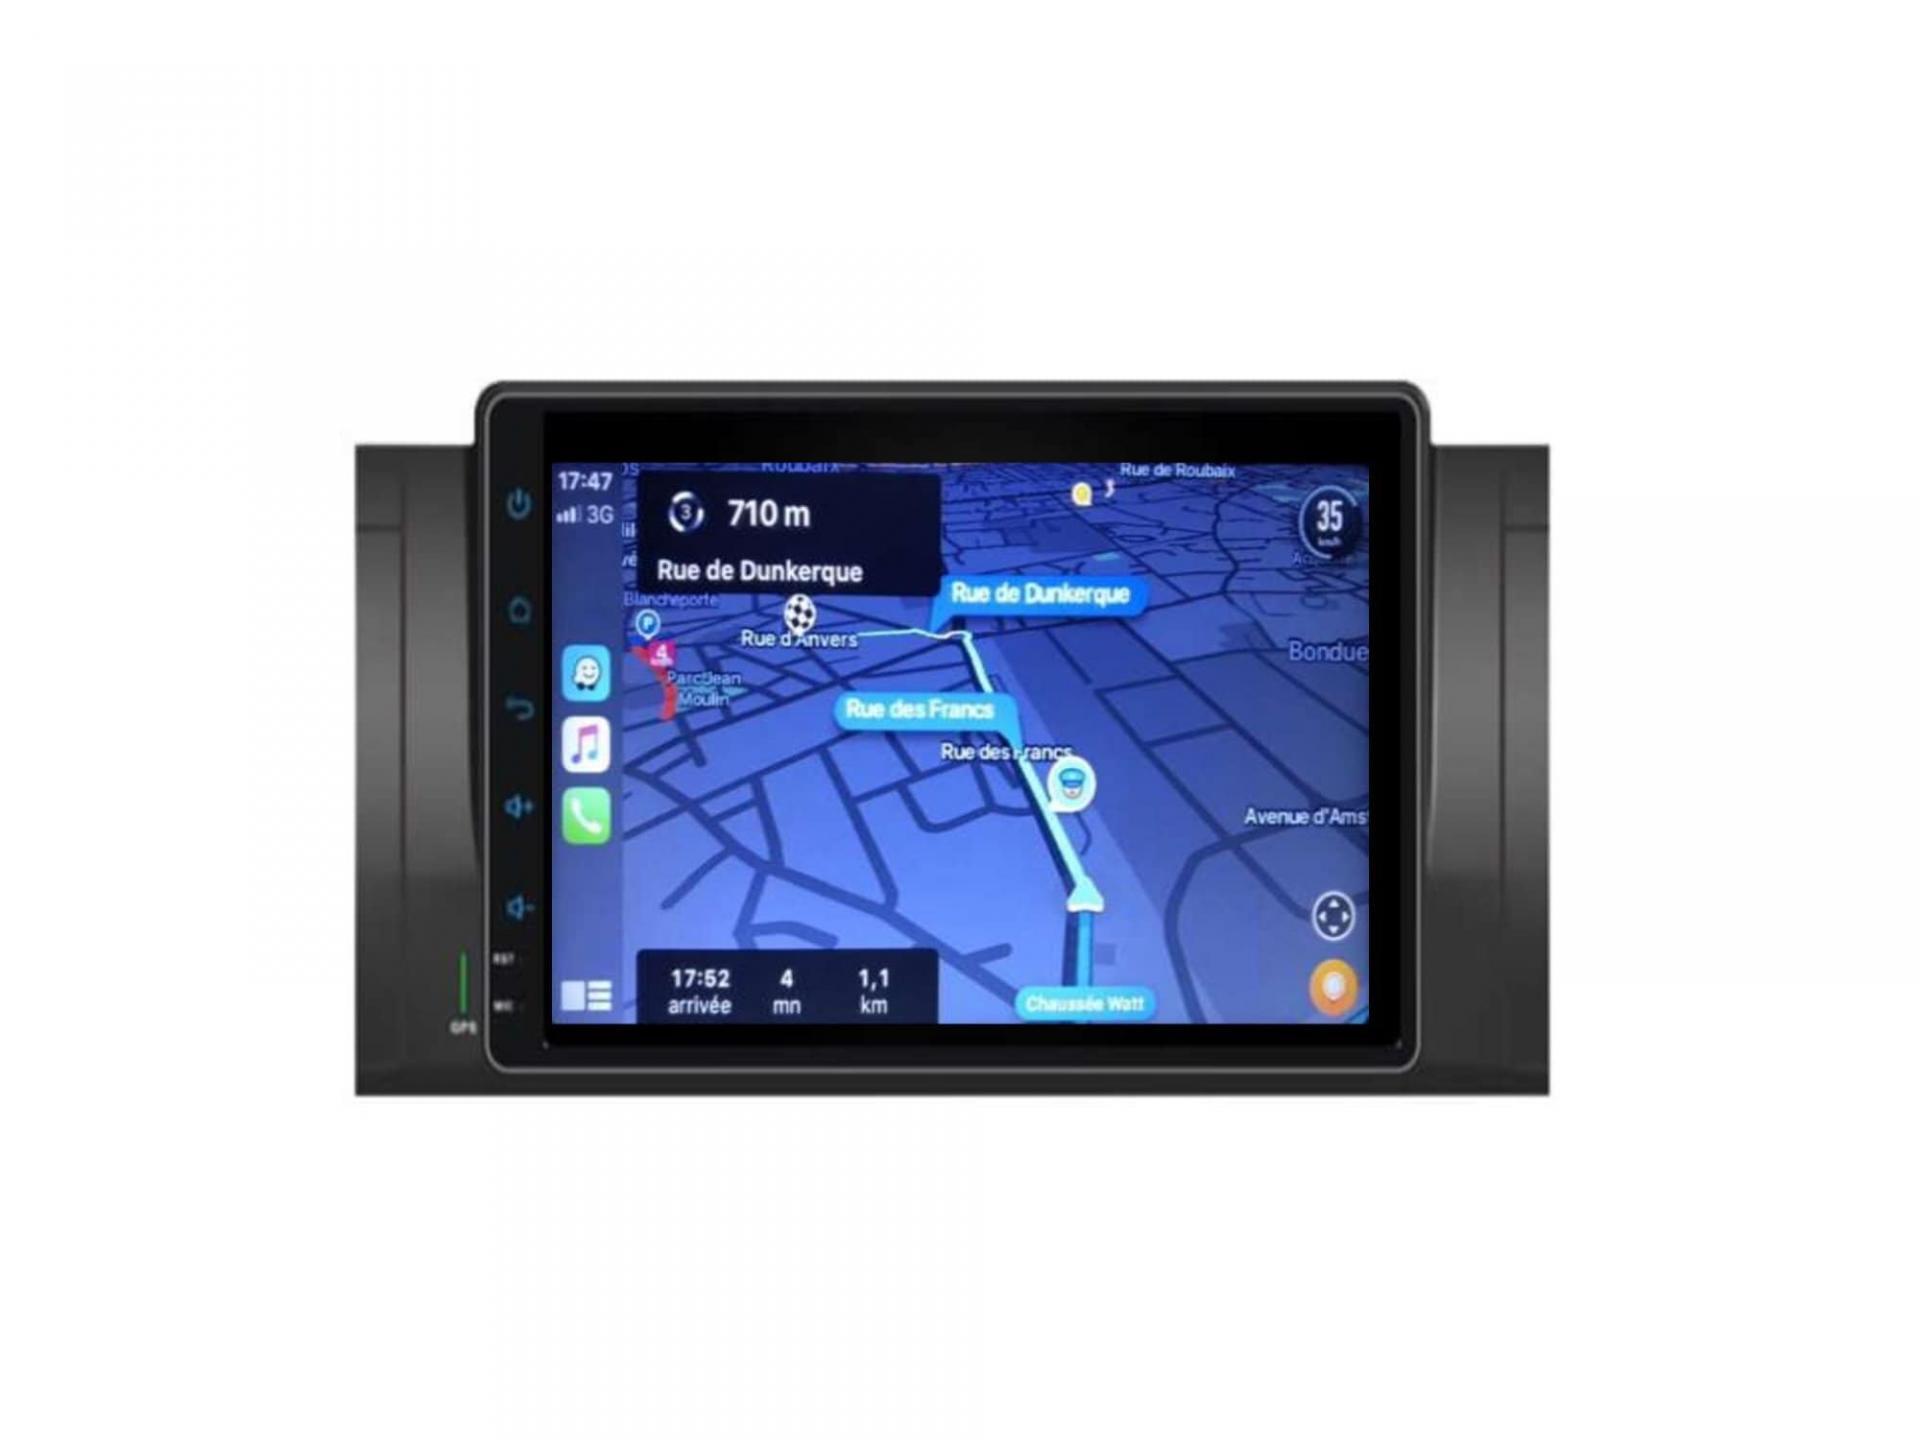 Autoradio gps carplay android auto bluetooth bmw serie 5 e39 m5 x5 e53 serie 7 e38 10